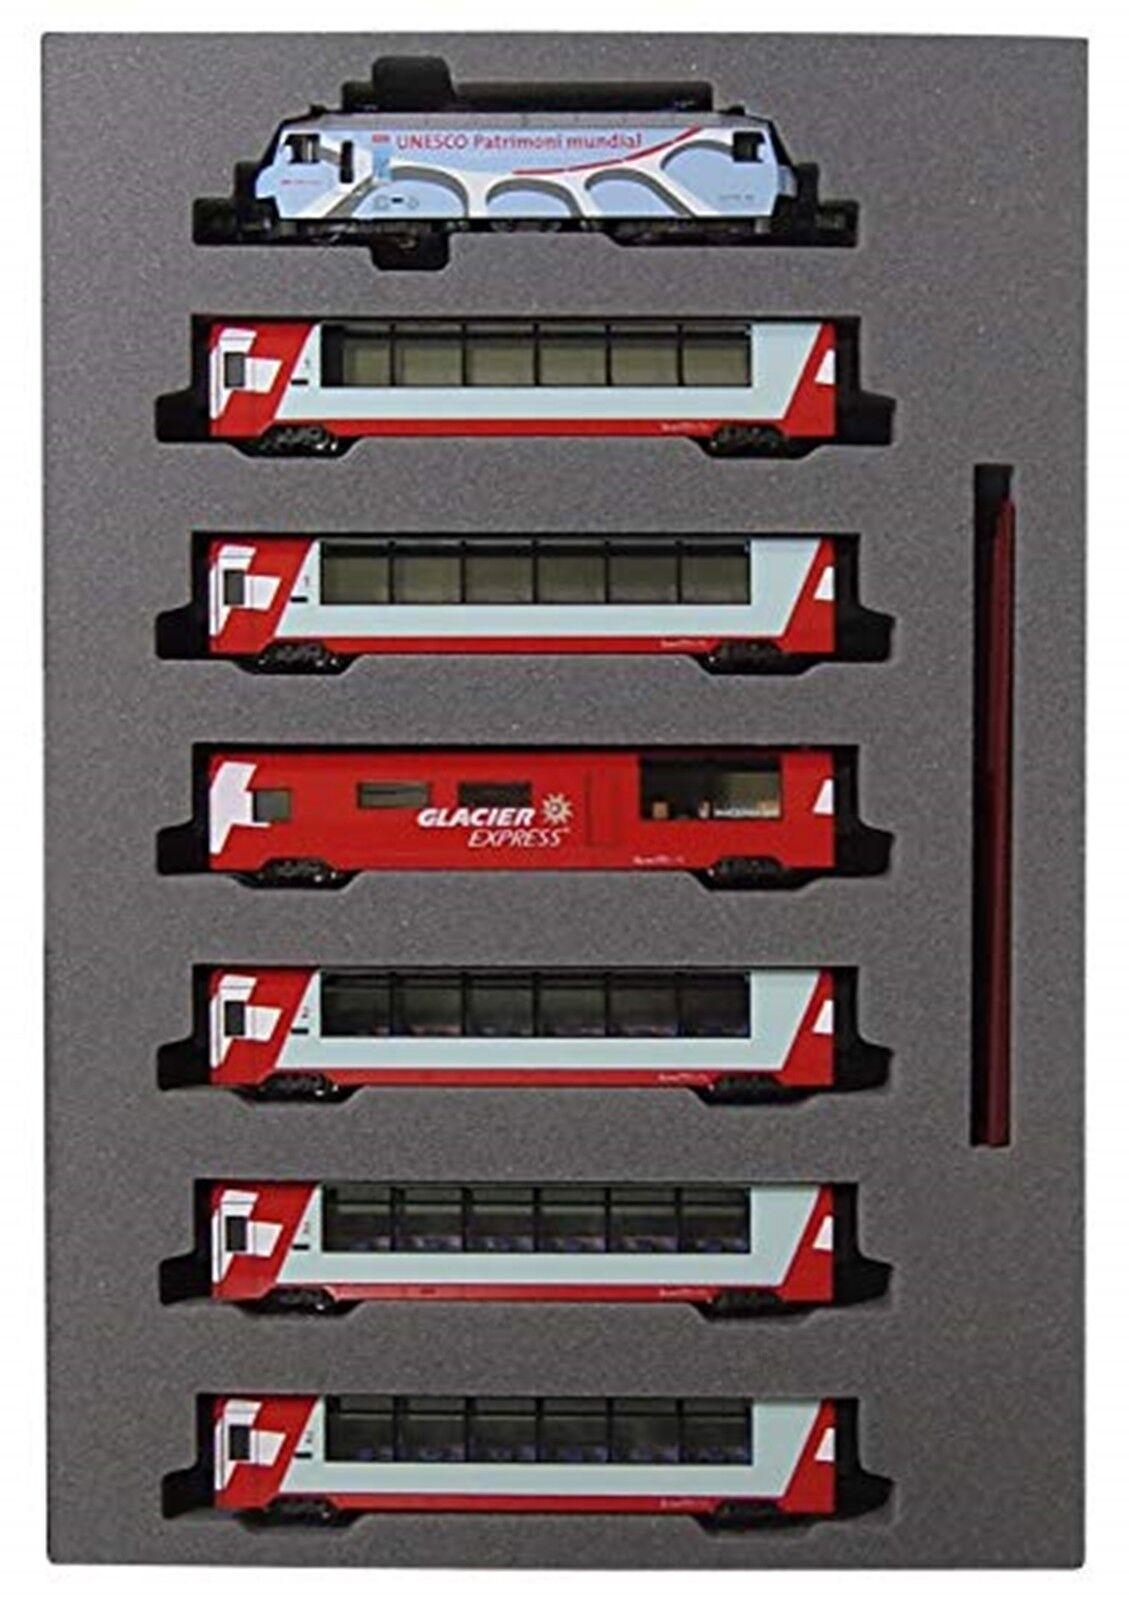 KATO 10-1219 railroad railroad railroad model Alps glacier limitedexpress UNESCO 7set JAPAN used 1e8c33